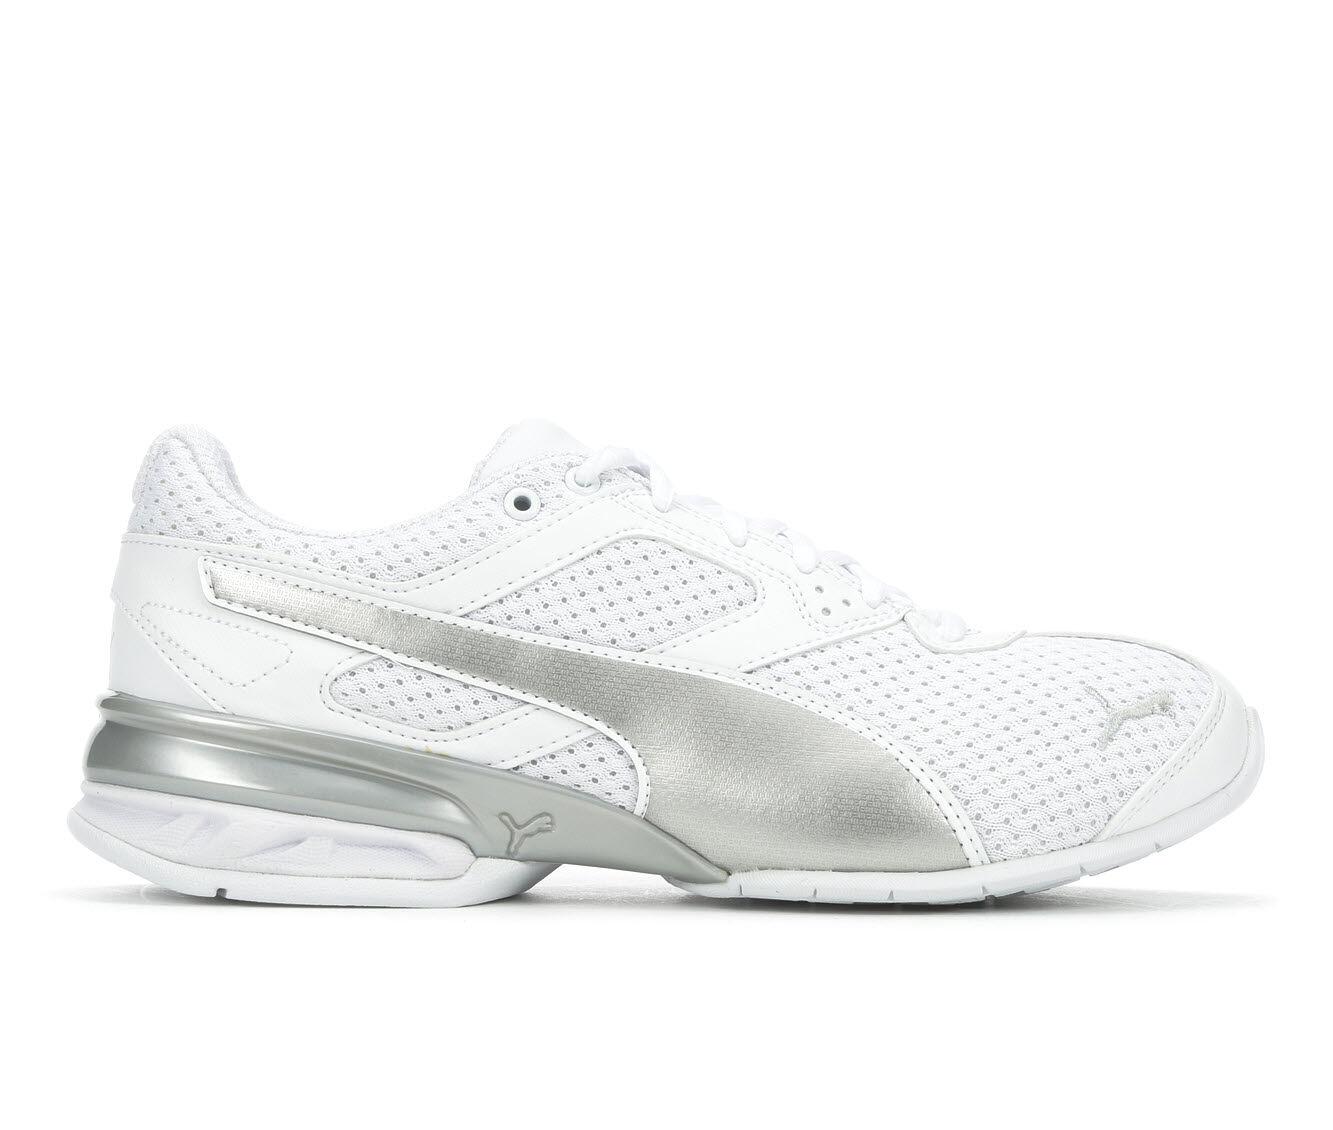 Women's Puma Tazon 6 Knit Sneakers White/Grey